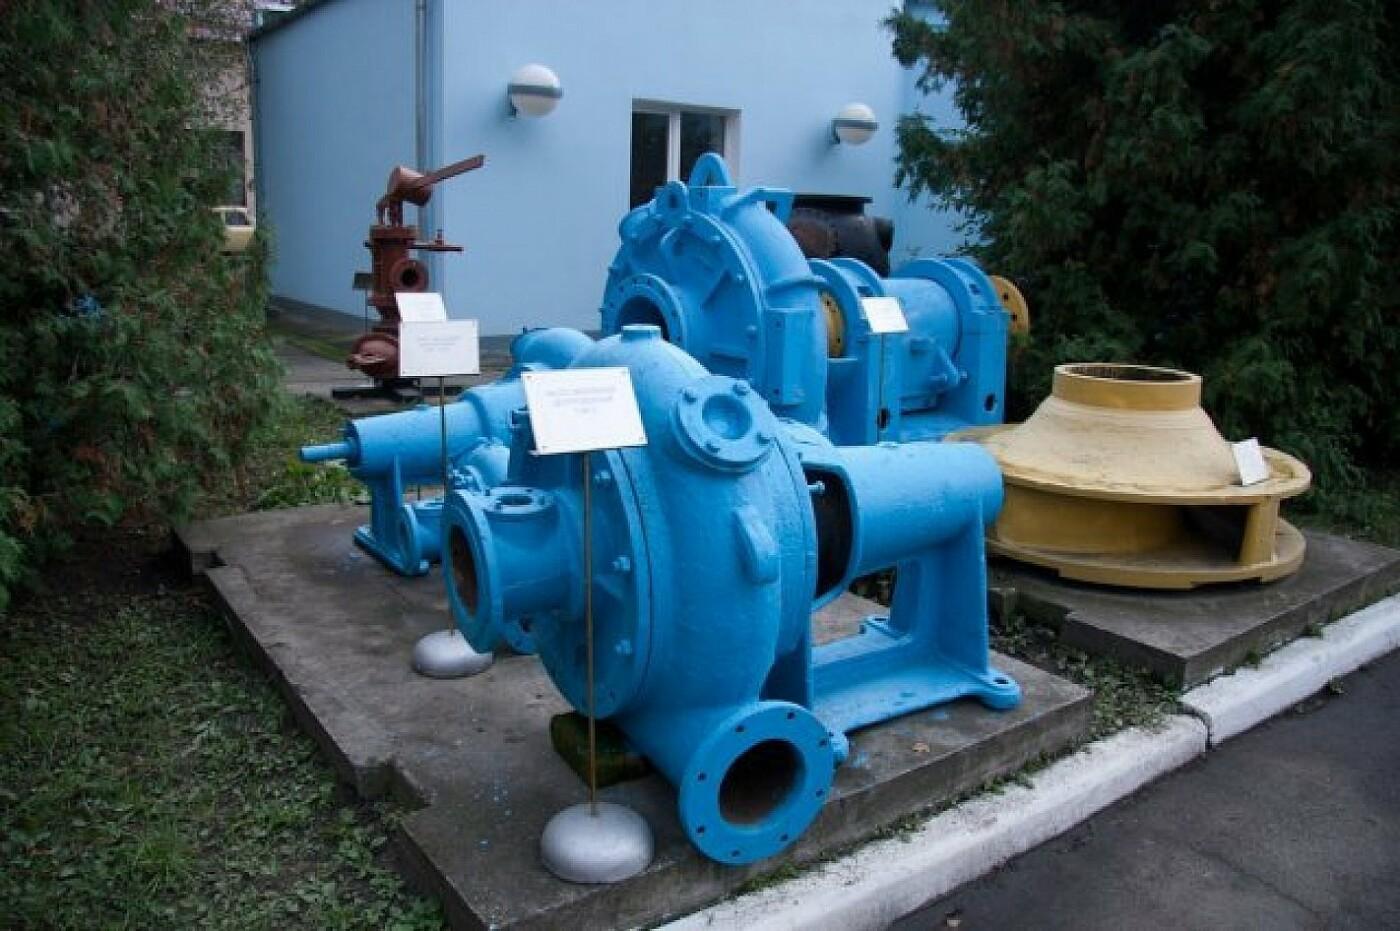 Музей туалета и сновидений: 10 музеев Киева, о которых вы могли не слышать, Фото: Life bodo ua